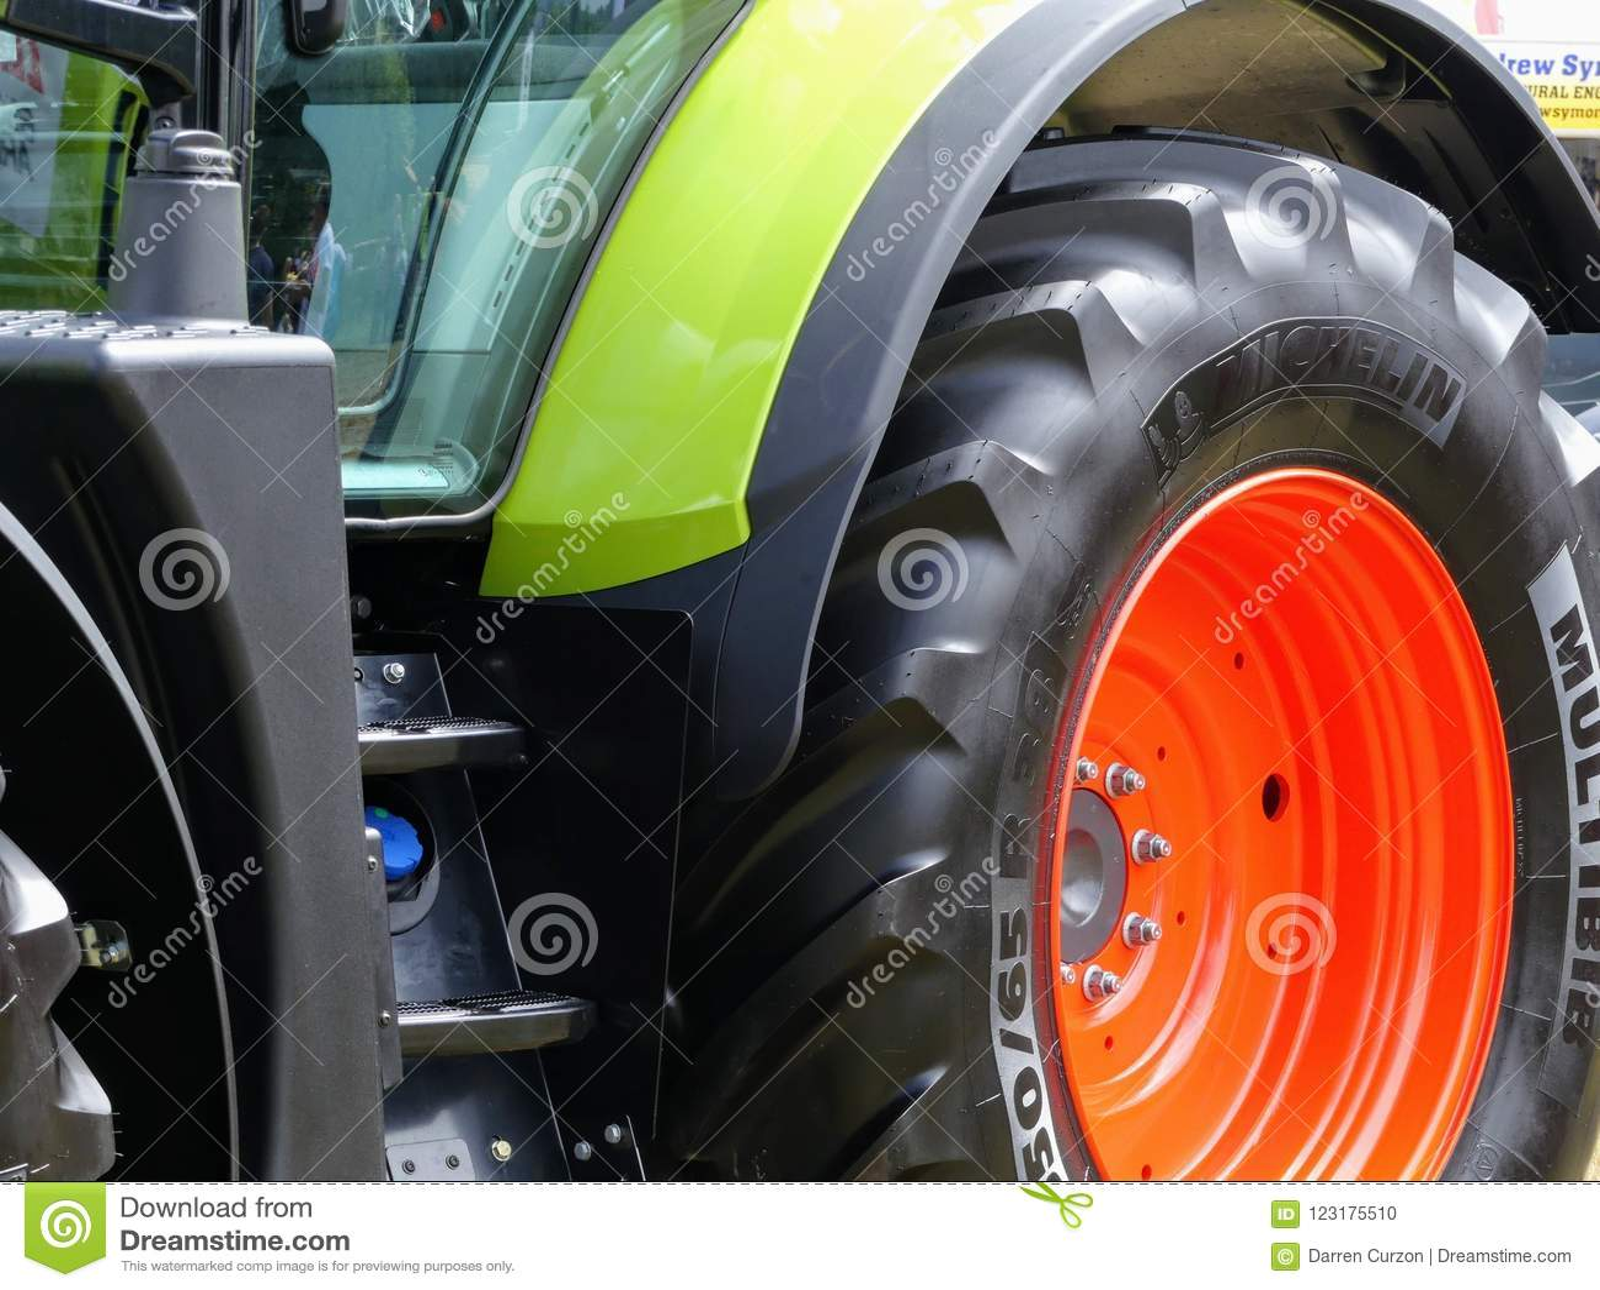 Devon, Großbritannien - 30. Juli 2018: Ein landwirtschaftliches Fahrzeug Klaas auf Anzeige